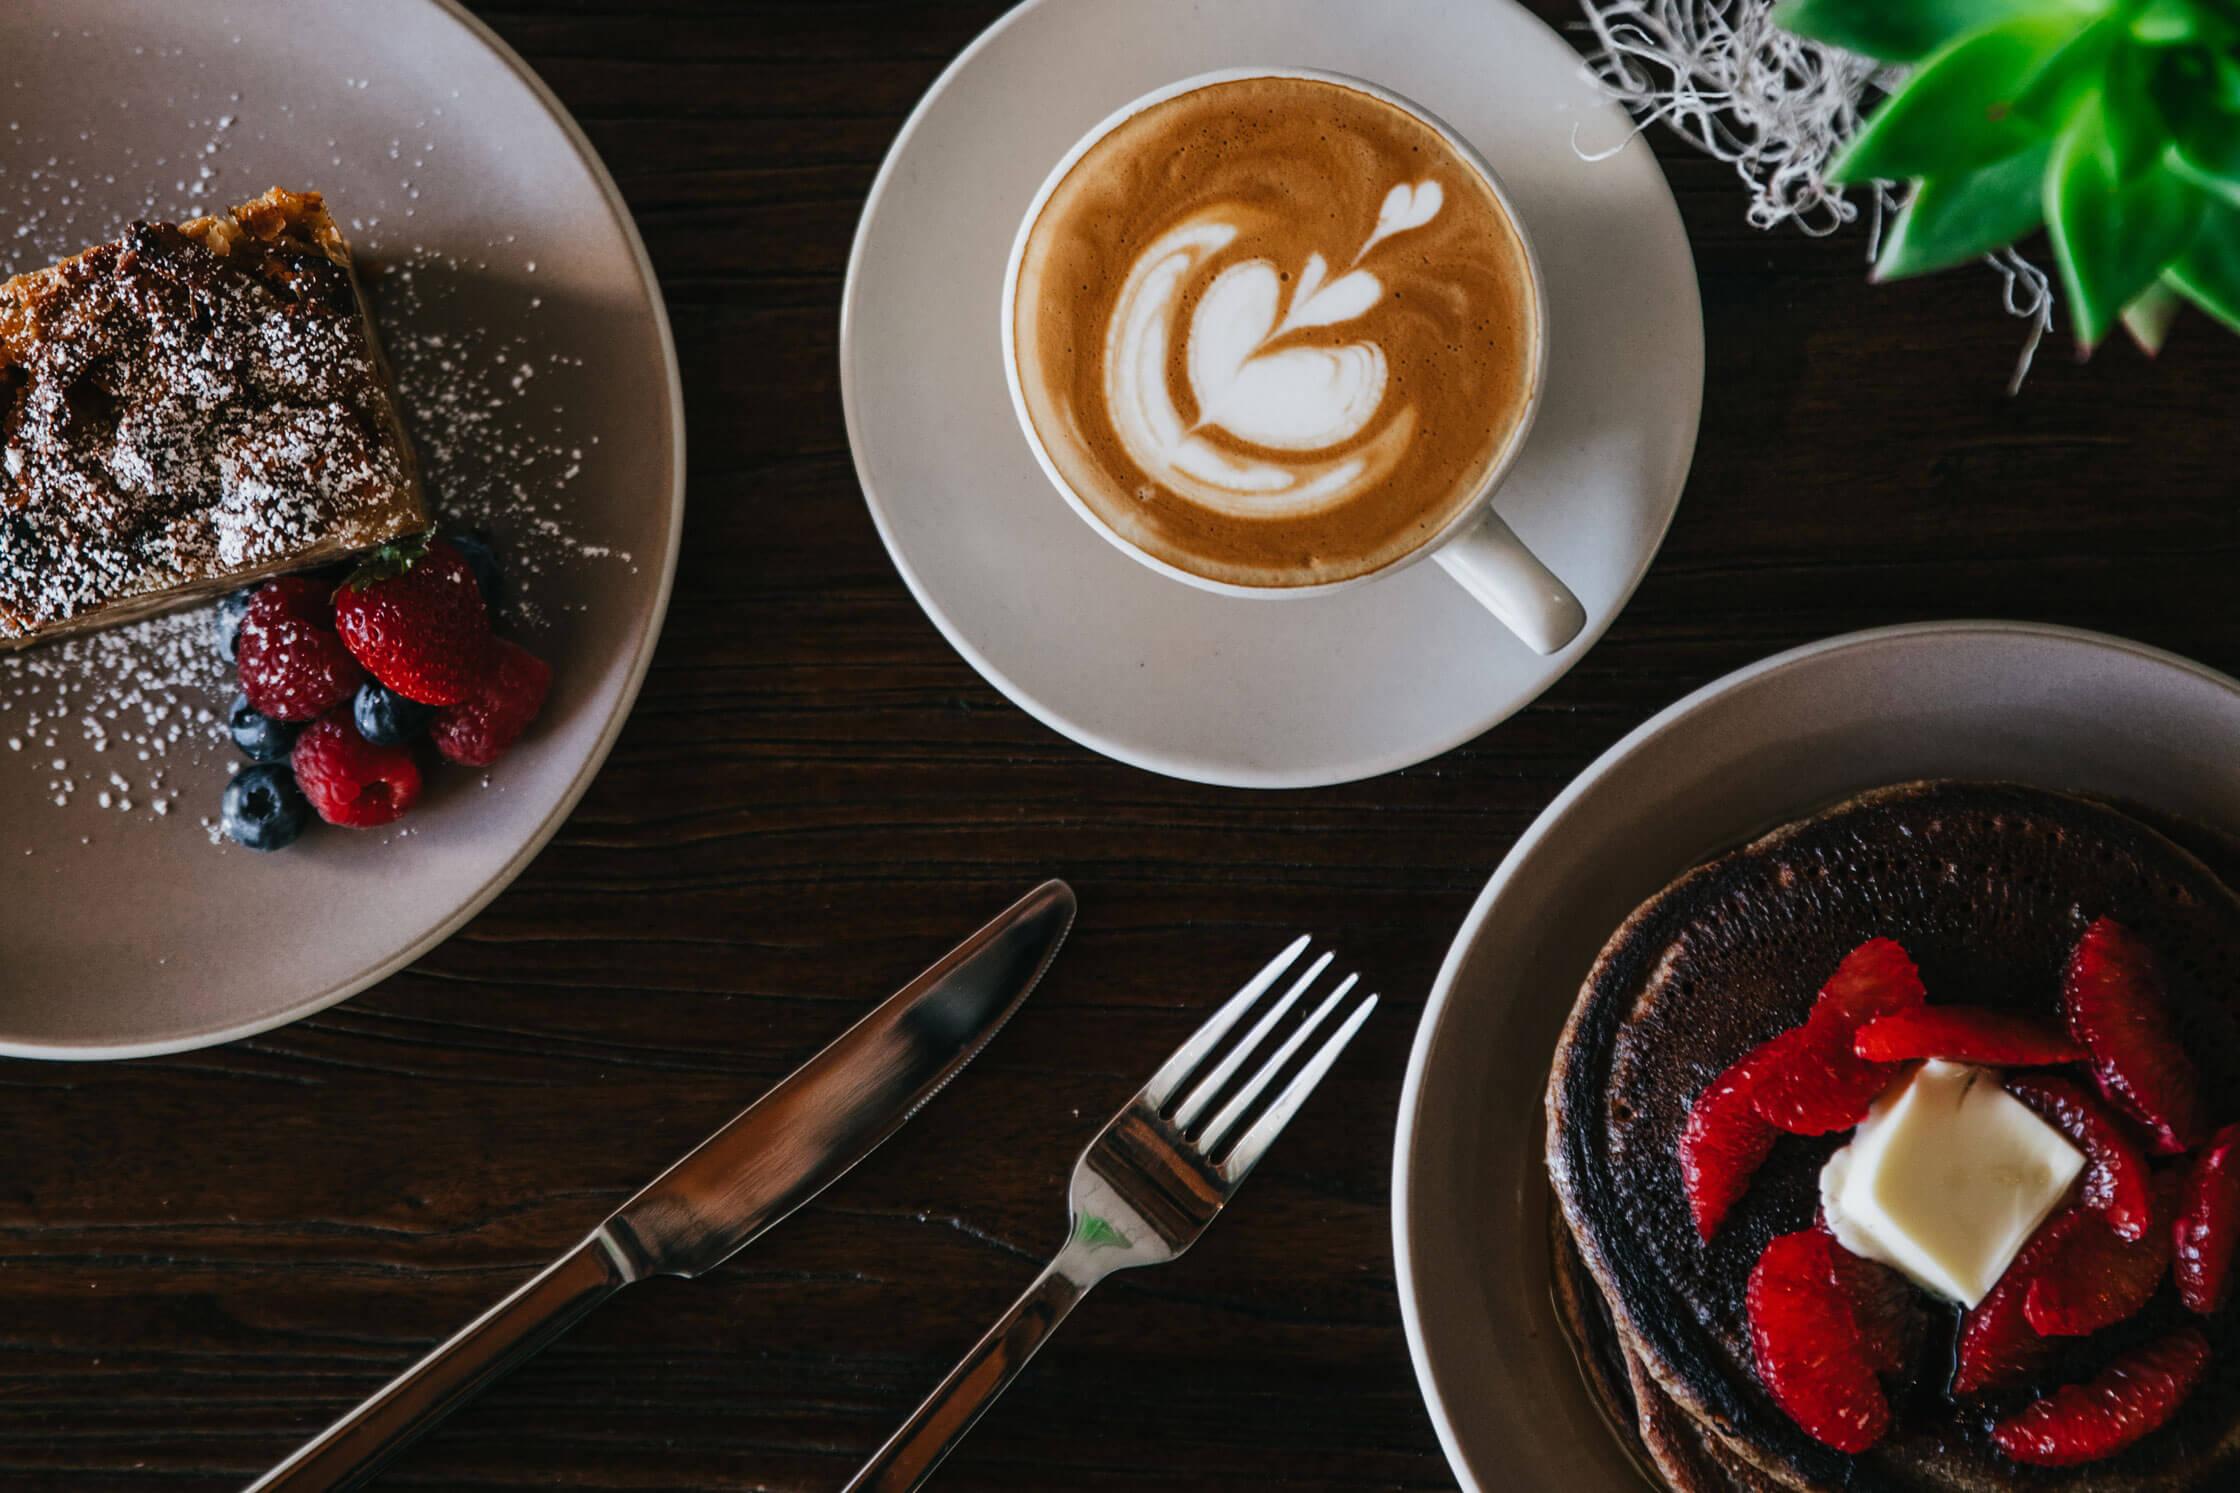 LAtte, pancakes and berries for Luma Magic Brunch